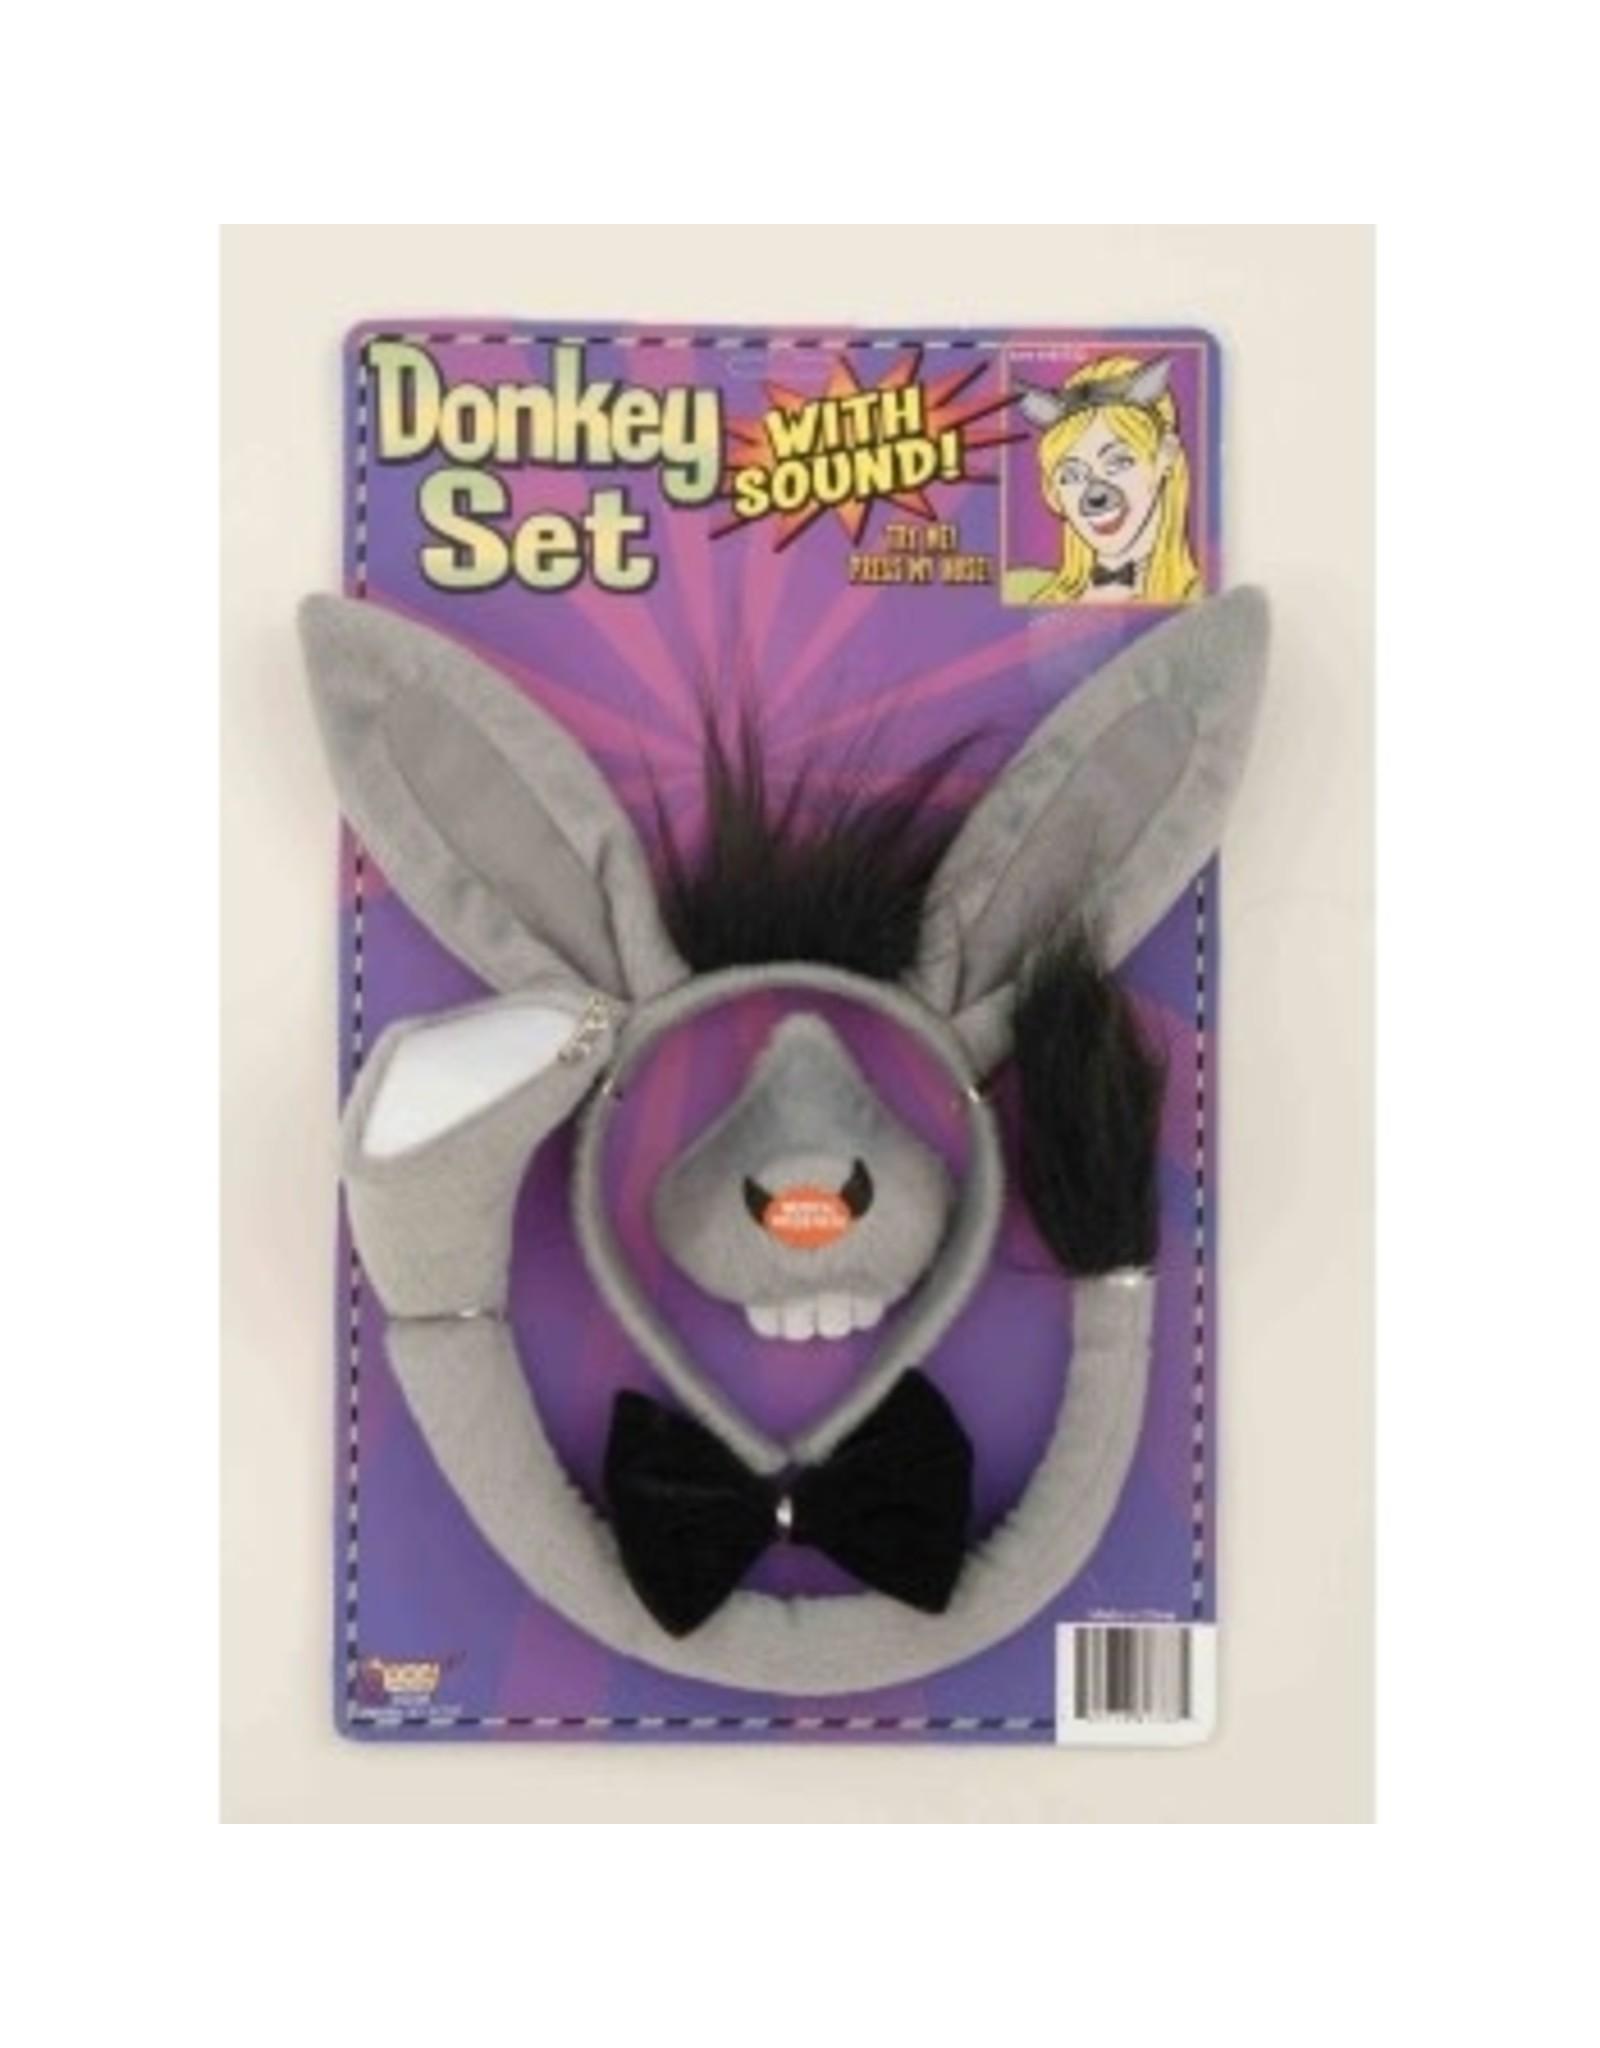 Forum Novelties Inc. Donkey Set with Sound